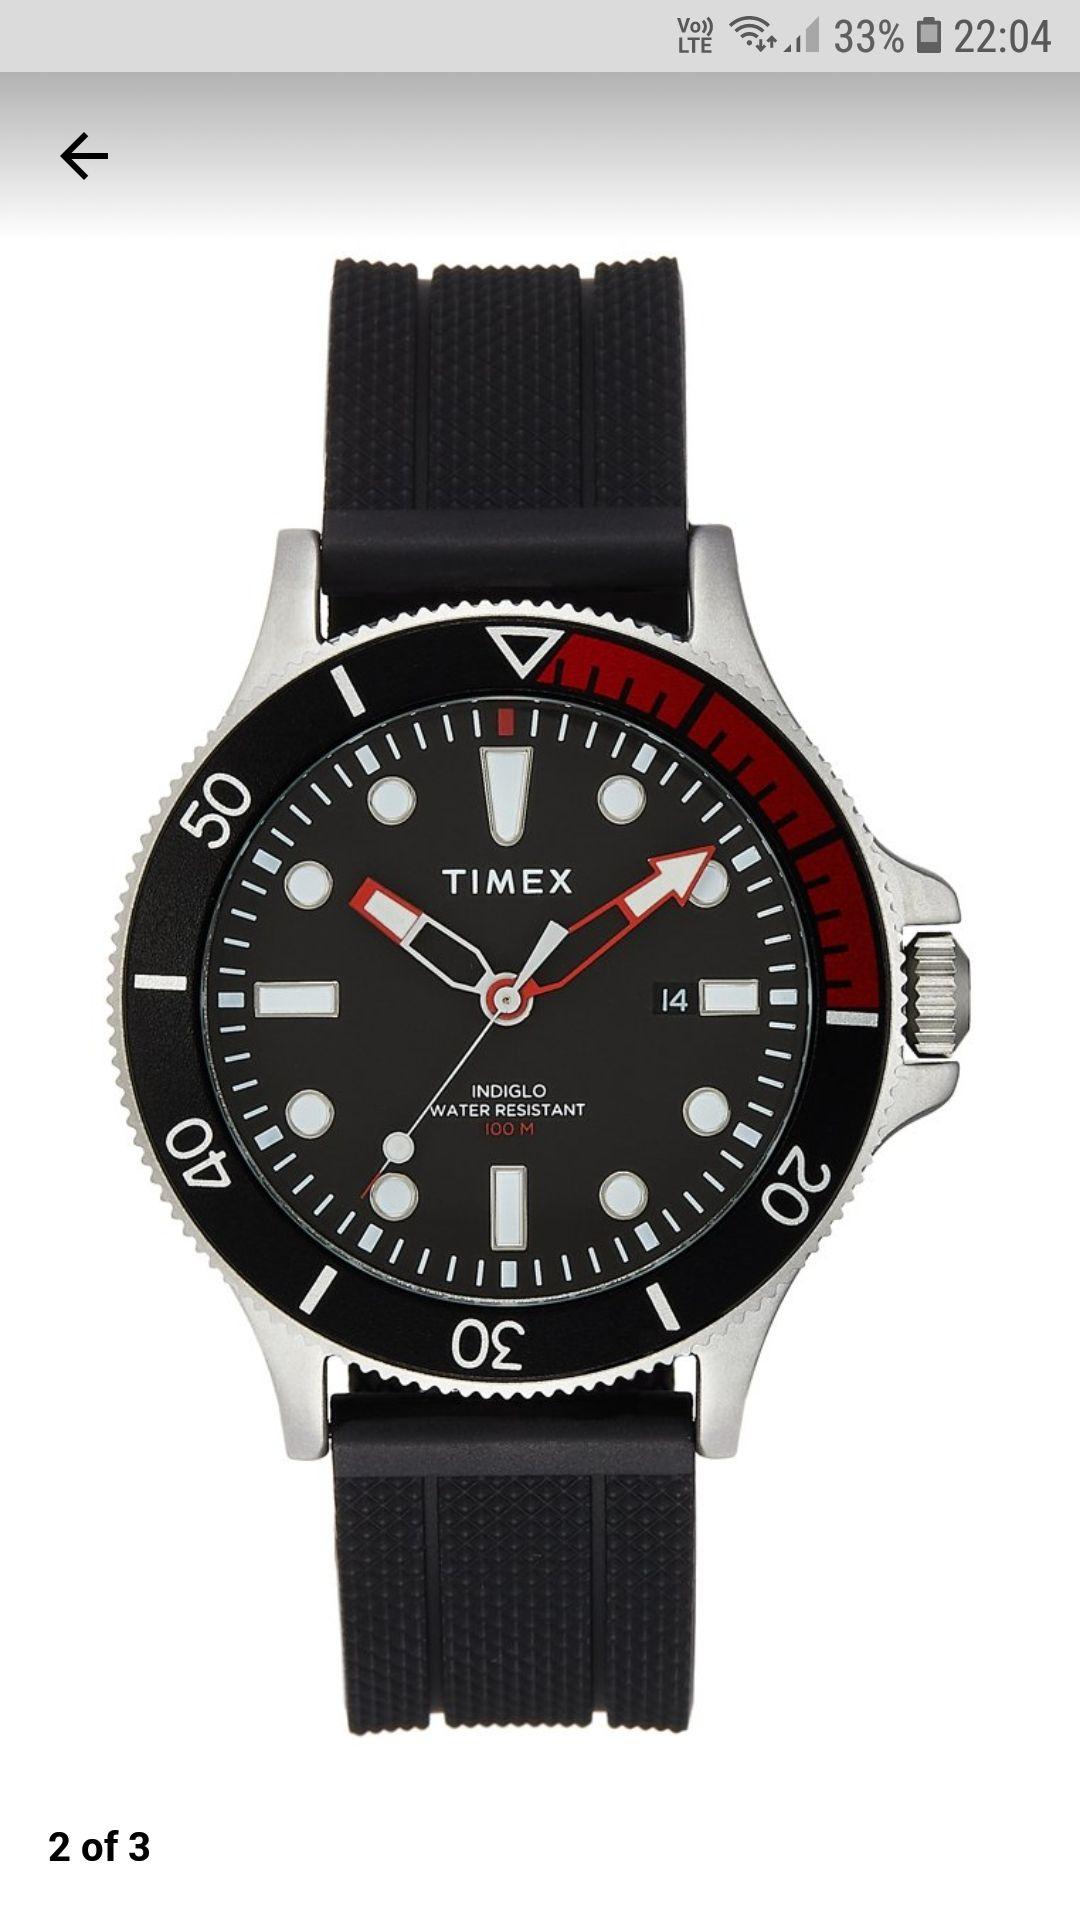 Timex 10Atm, INDIGLO znów dostępny